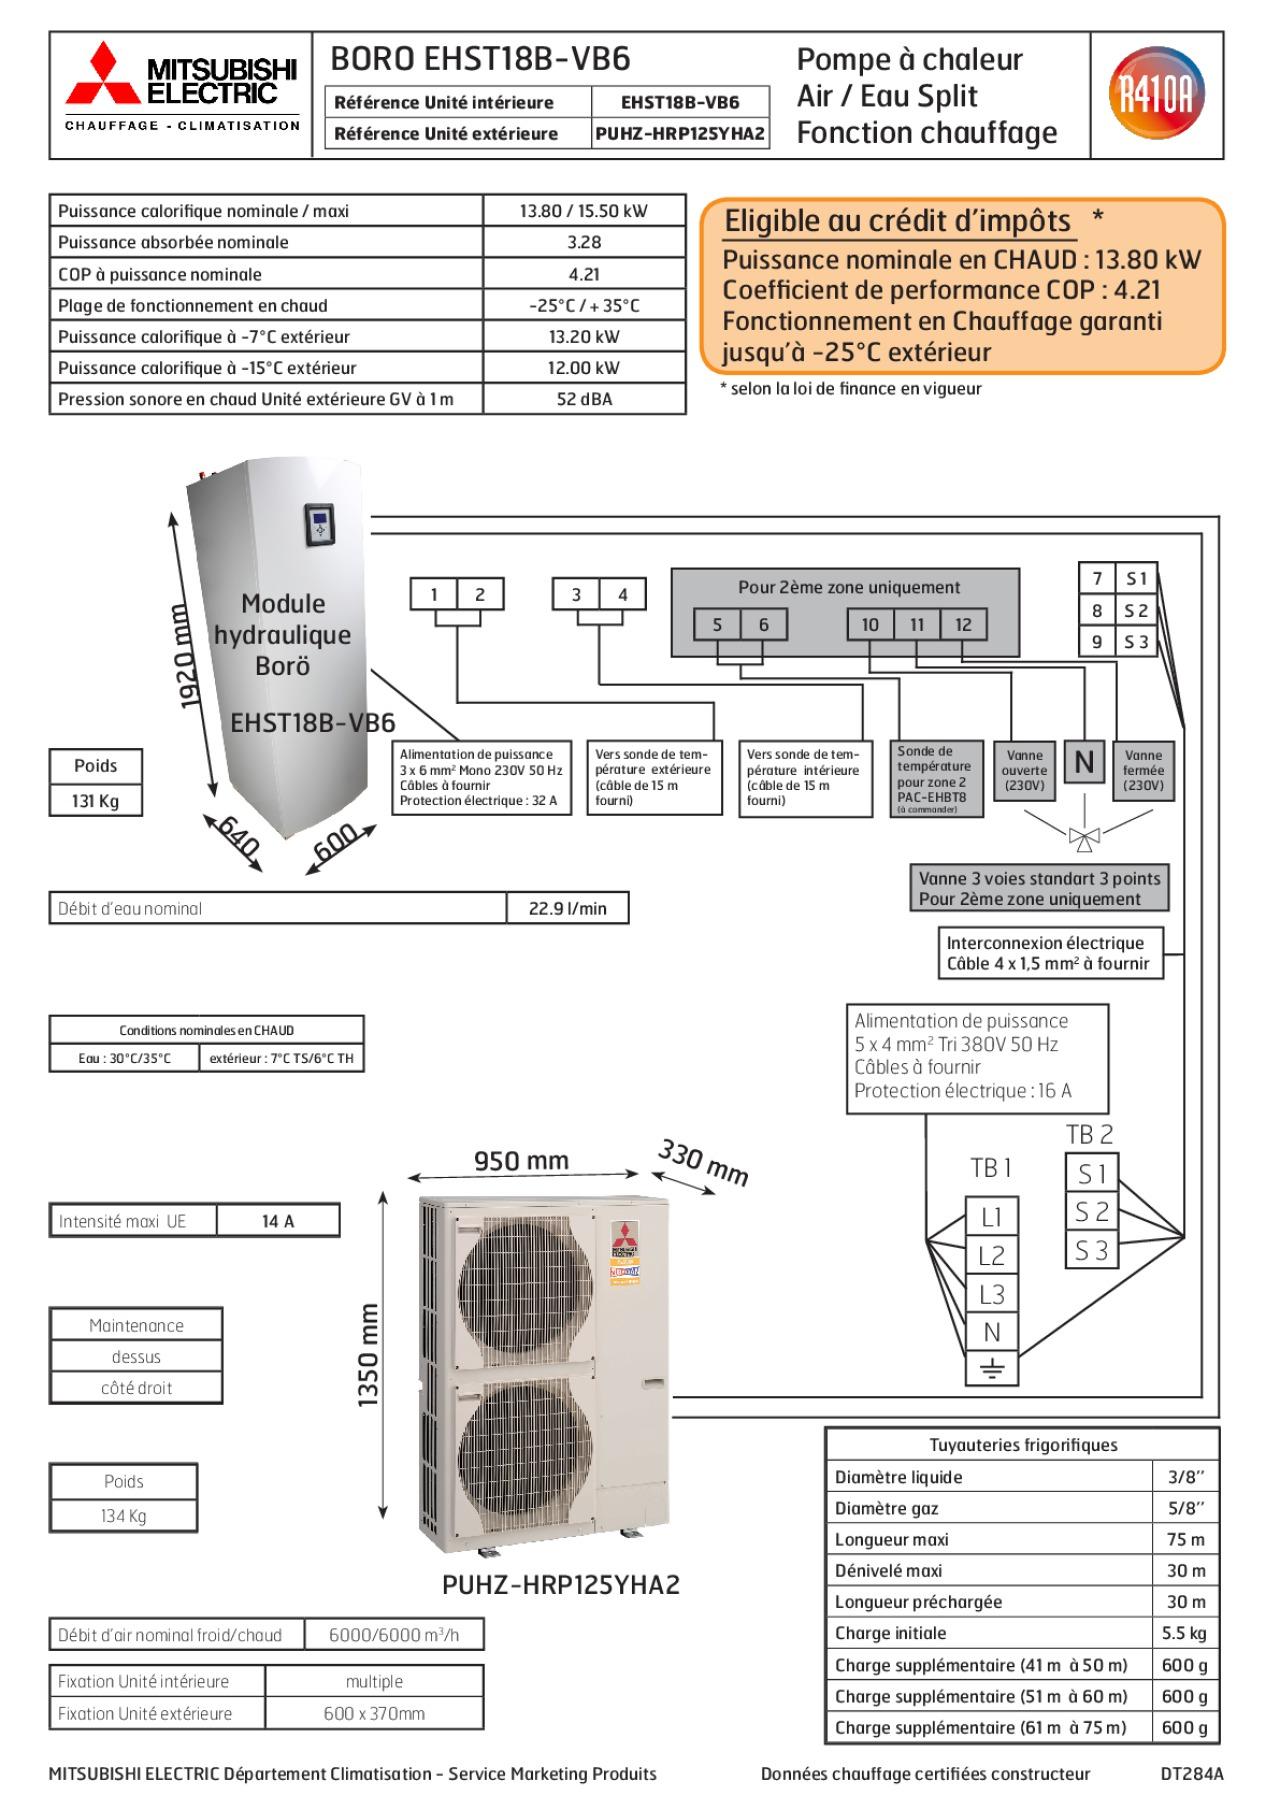 Mitsubishi boro pdf